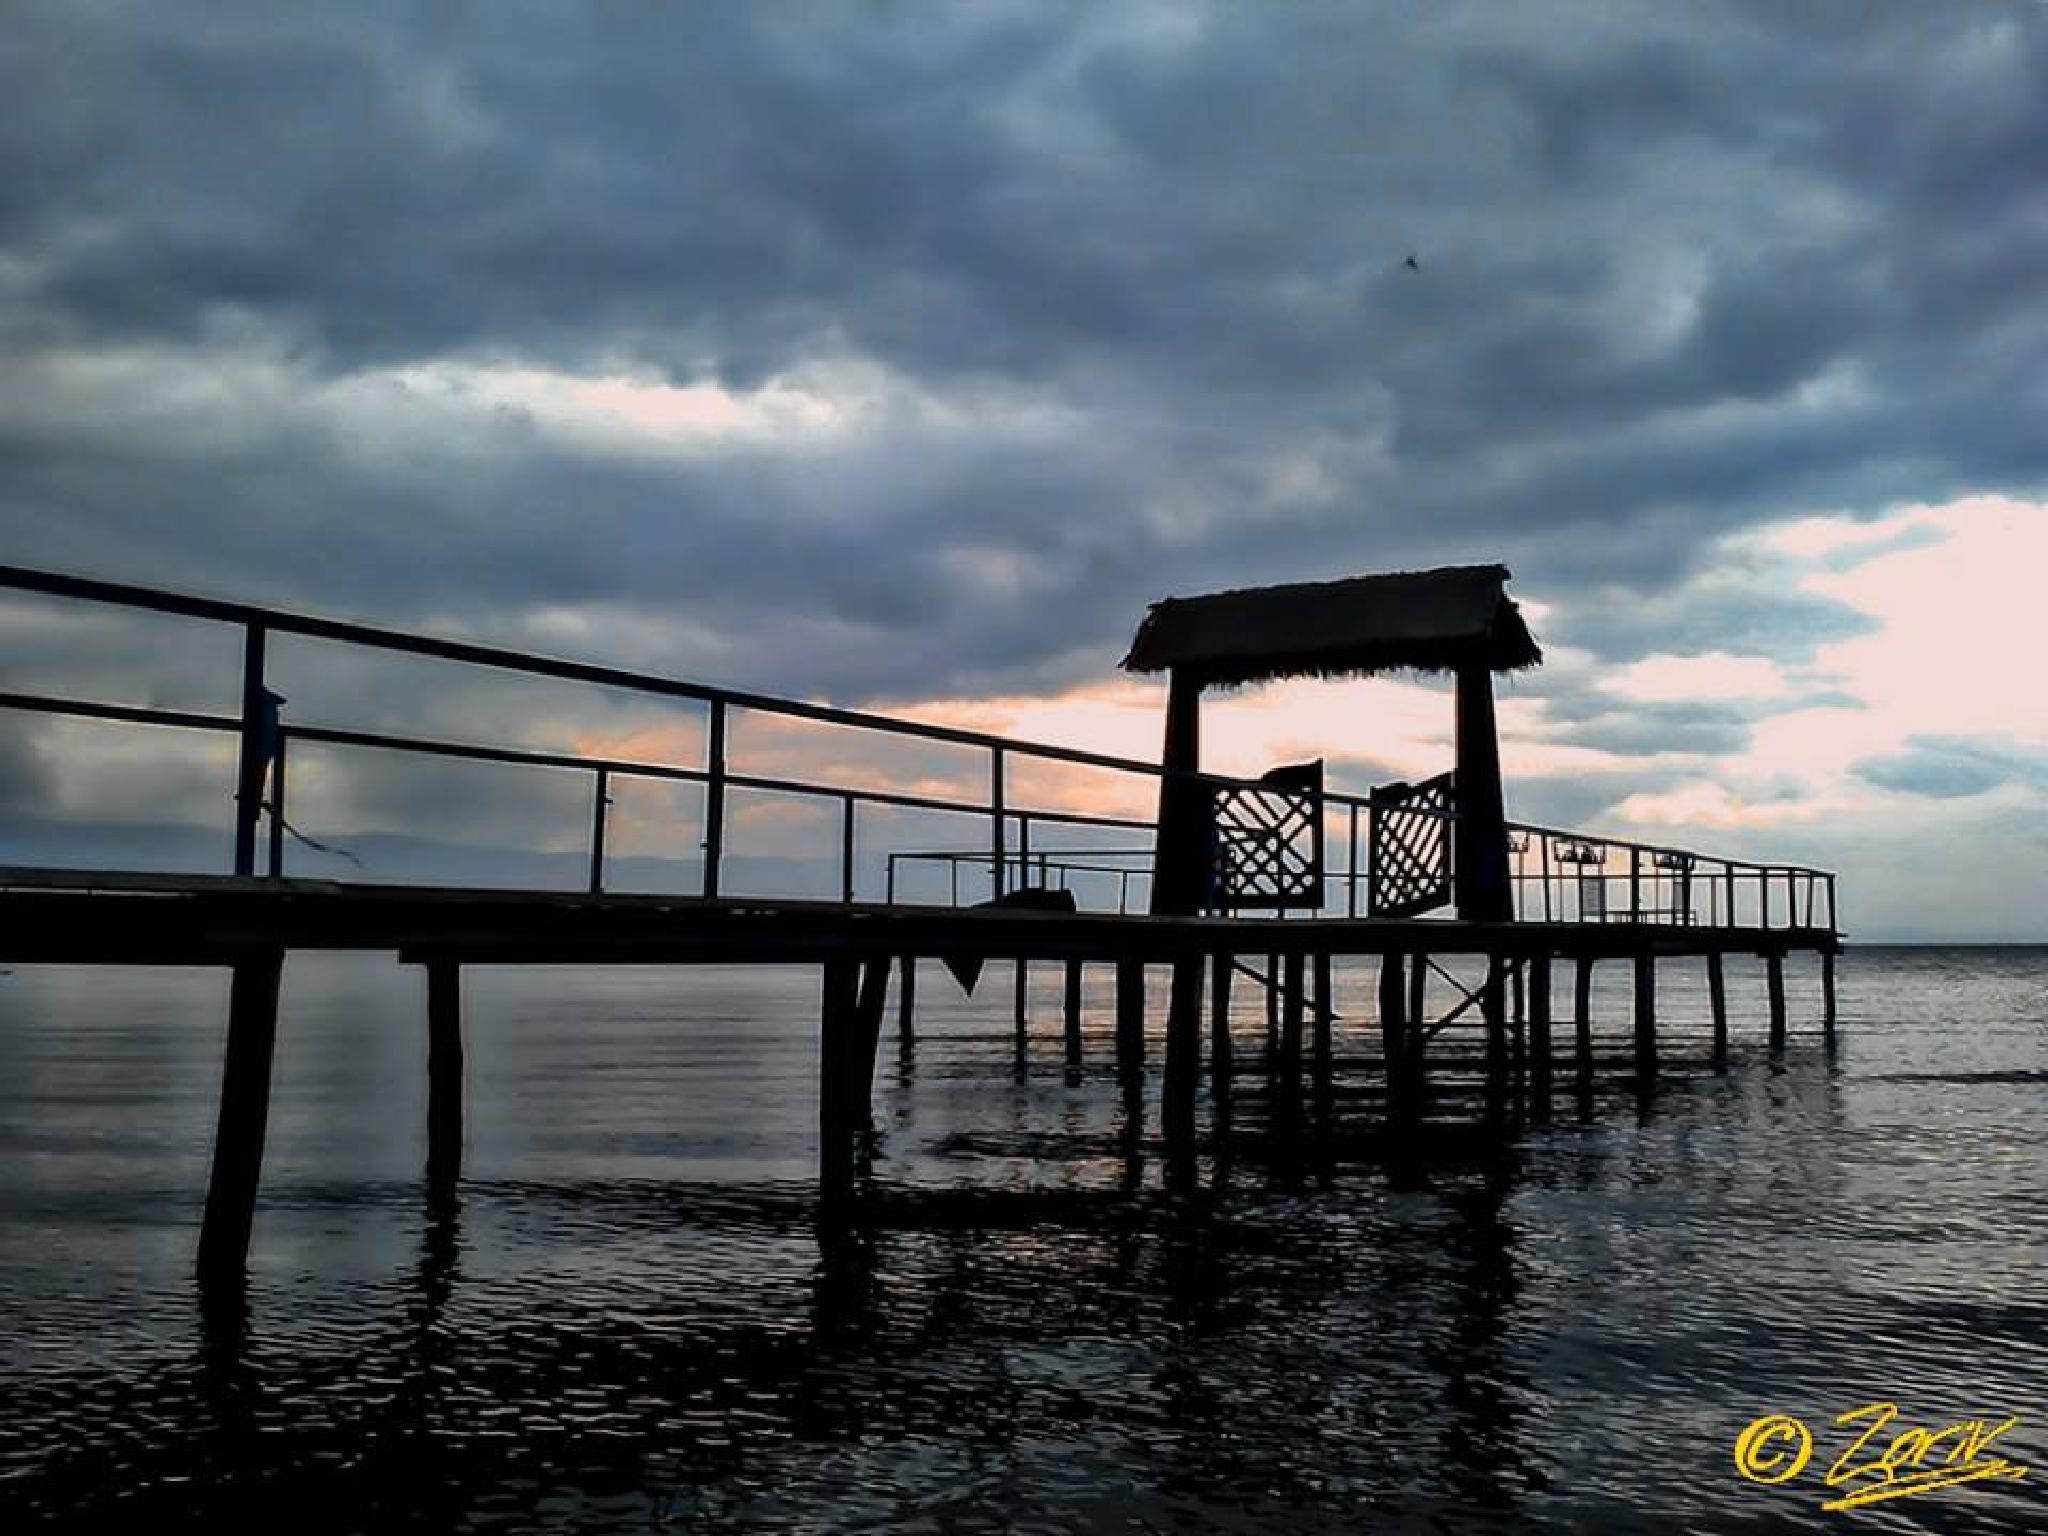 The pier  by zoriv